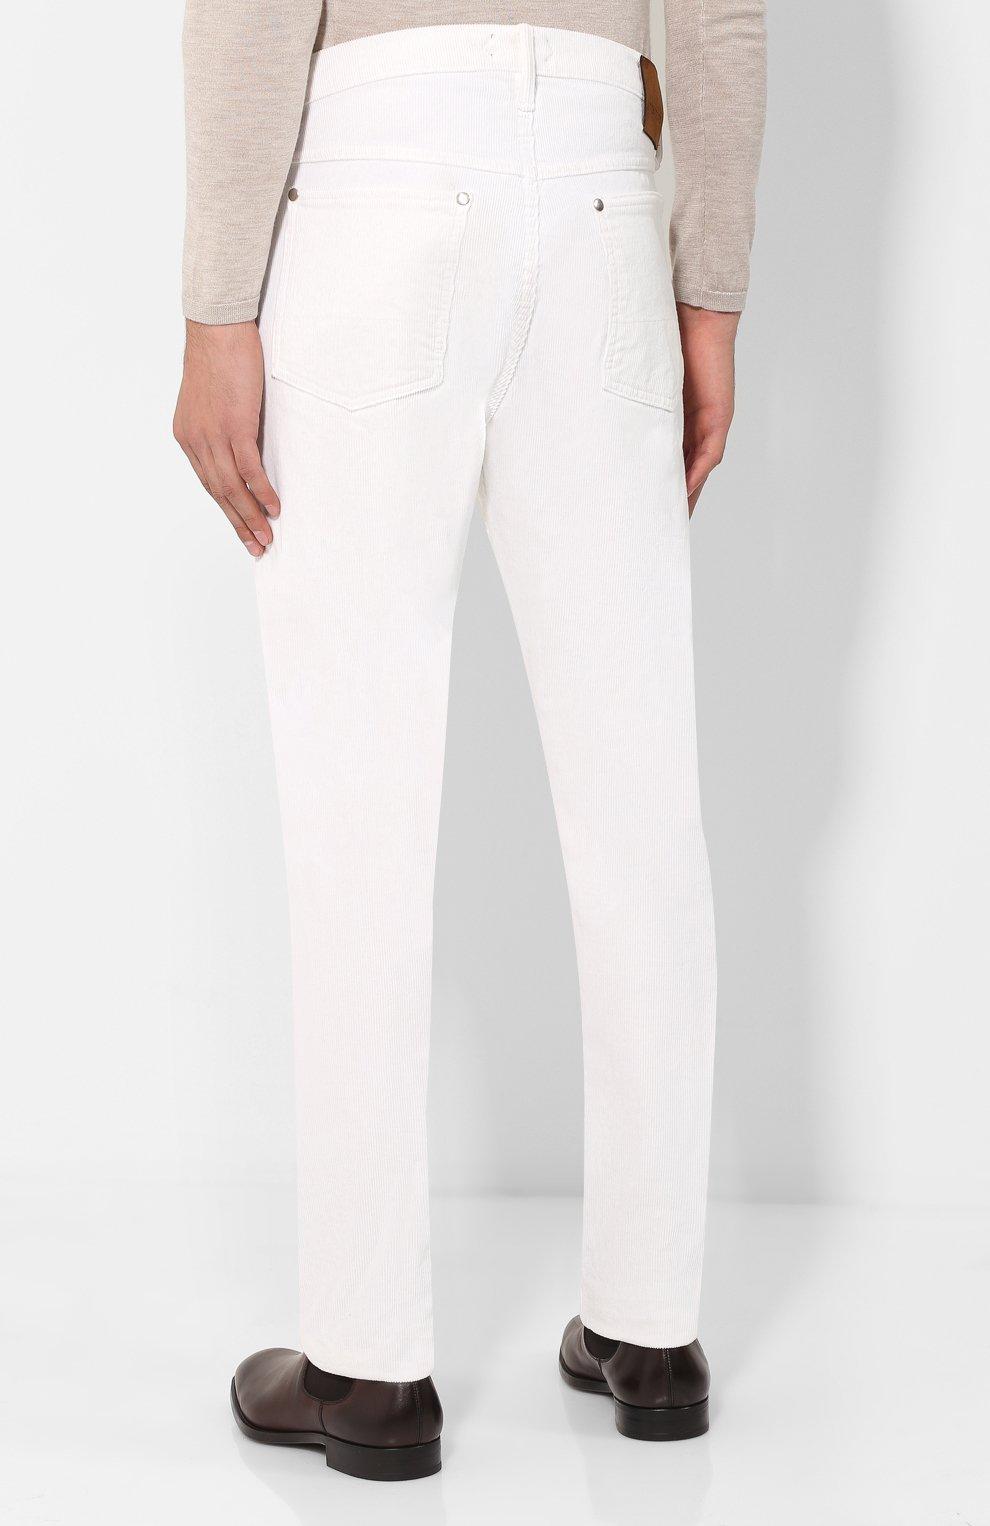 7296ee53407 Мужские белые джинсы прямого кроя TOM FORD — купить за 59950 руб. в ...